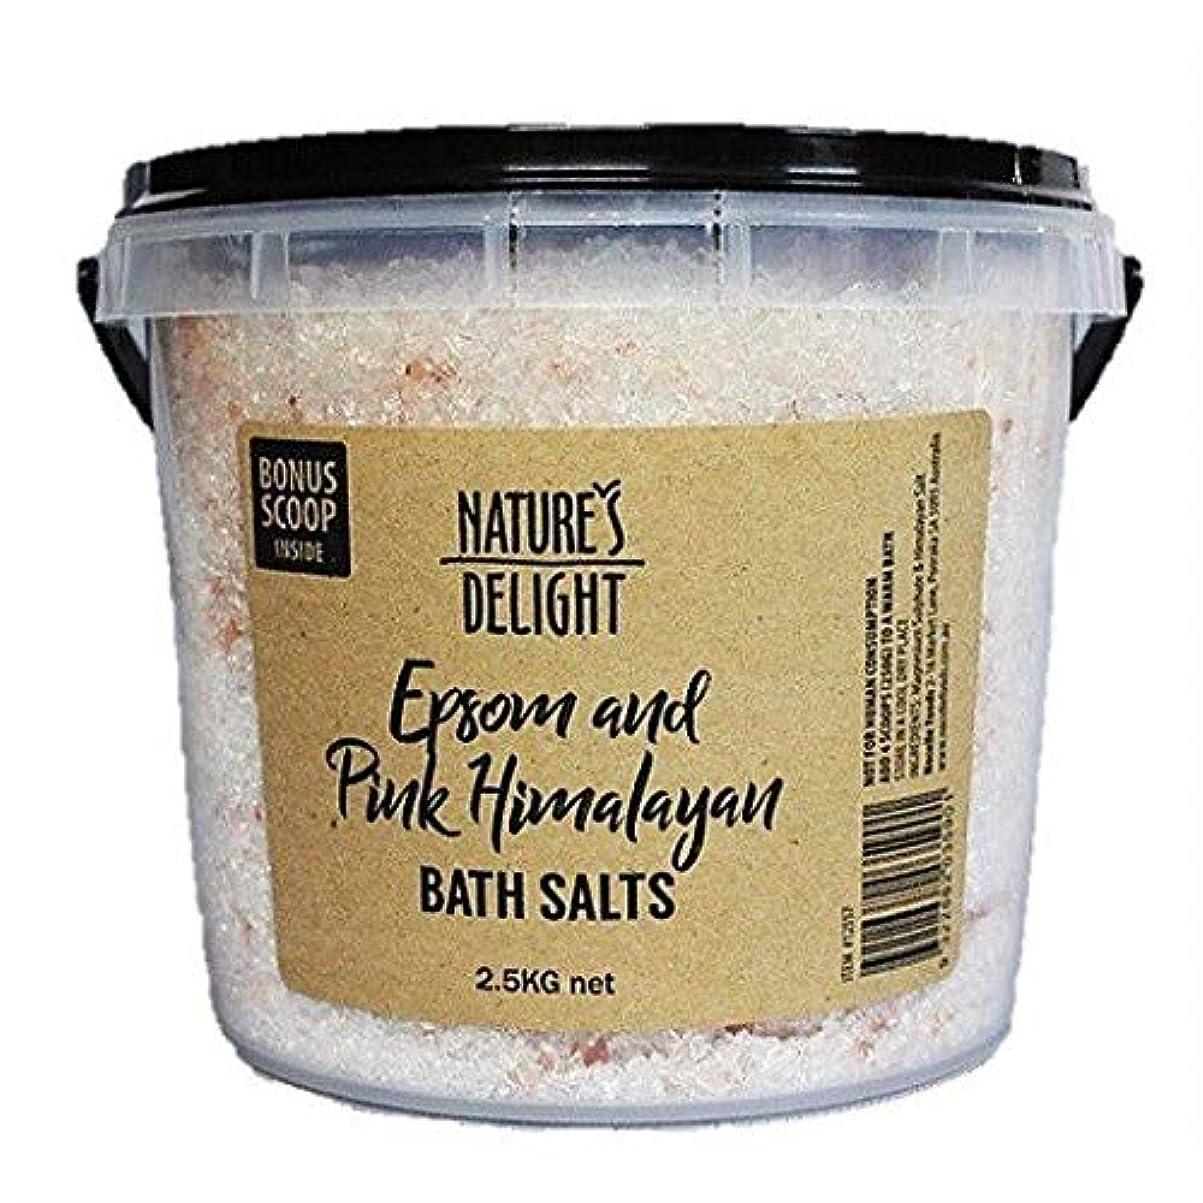 あからさま褒賞エステートヒマラヤ岩塩 エプソムソルト&ピンクヒマラヤ バスソルト 2.5kg 専用計量スプーン付